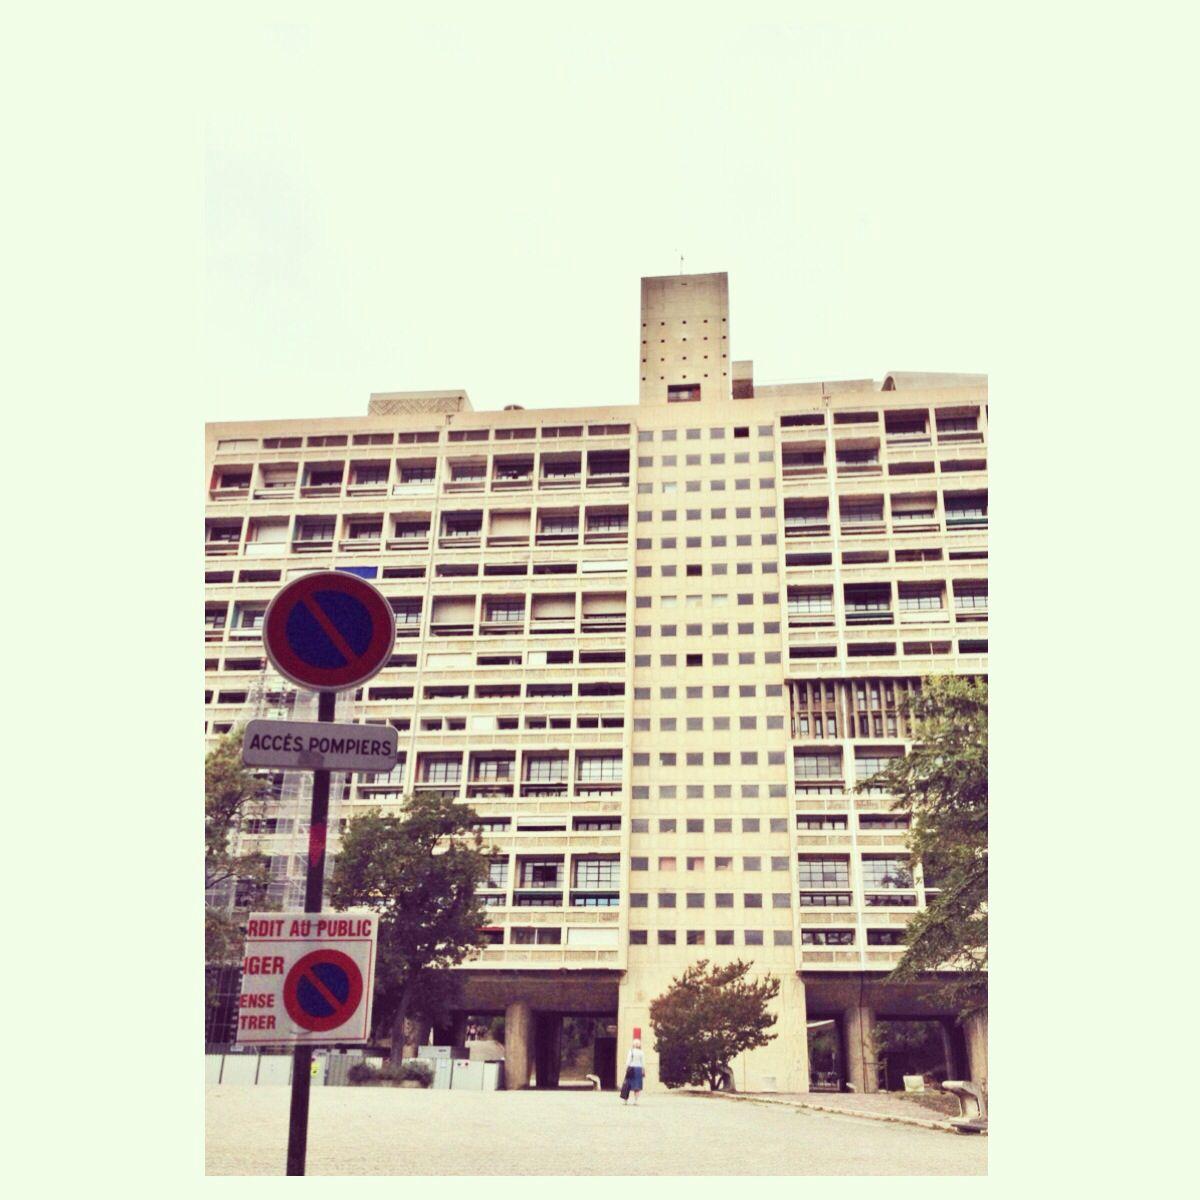 La Cité Radieuse Le Corbusier, #marseille #instagram